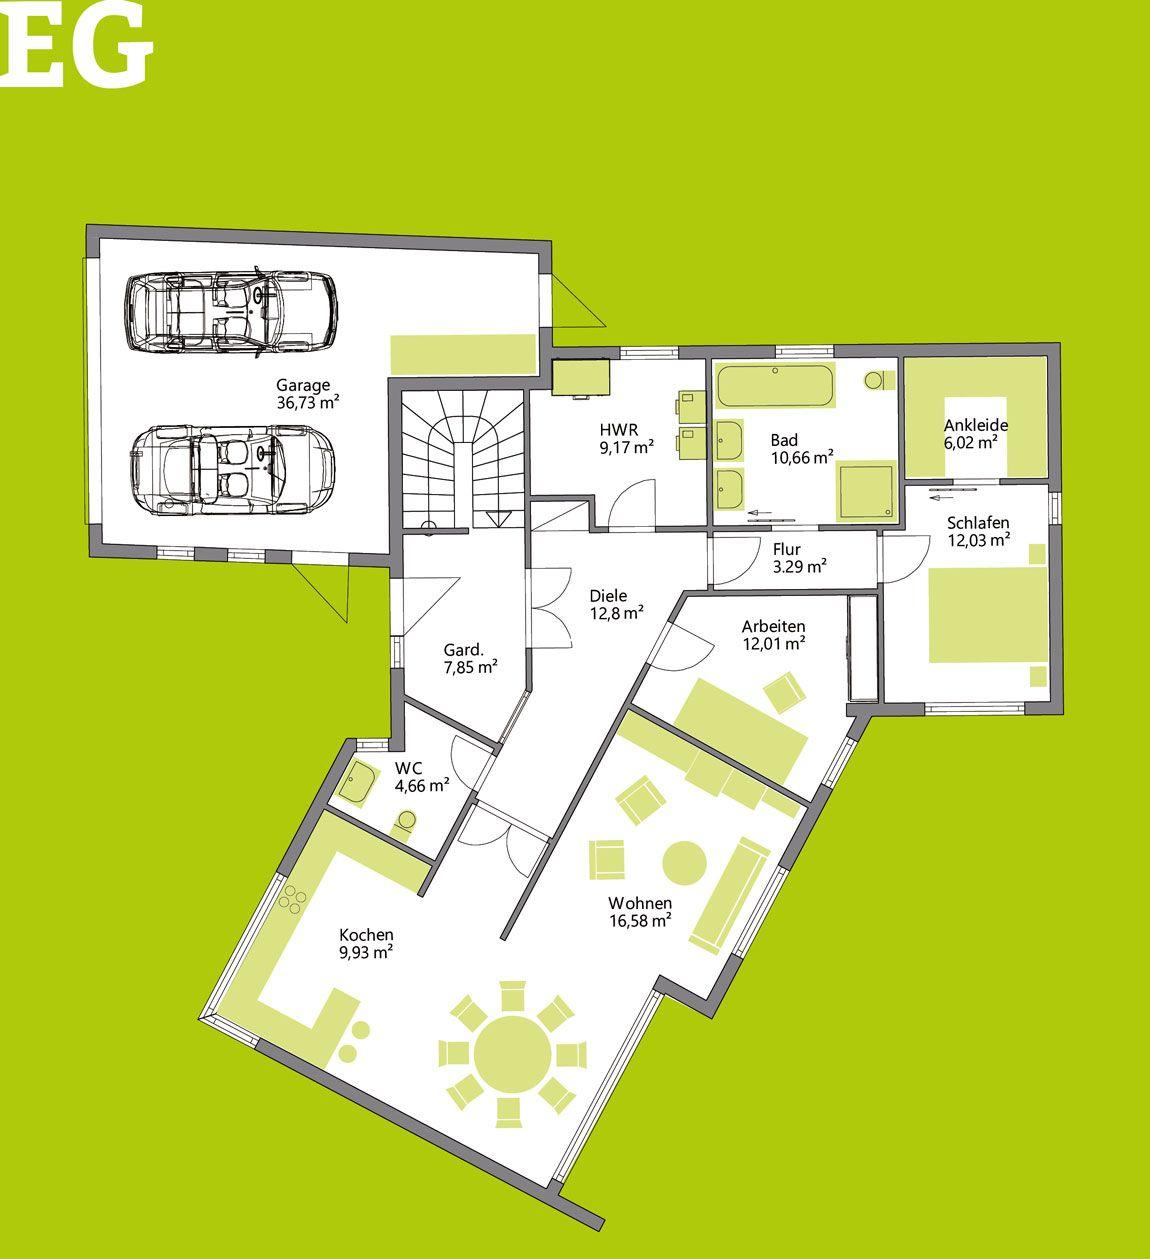 Grundriss eines ökologisch gebauten Hauses aus Holz von Rems-Murr-Holzhaus